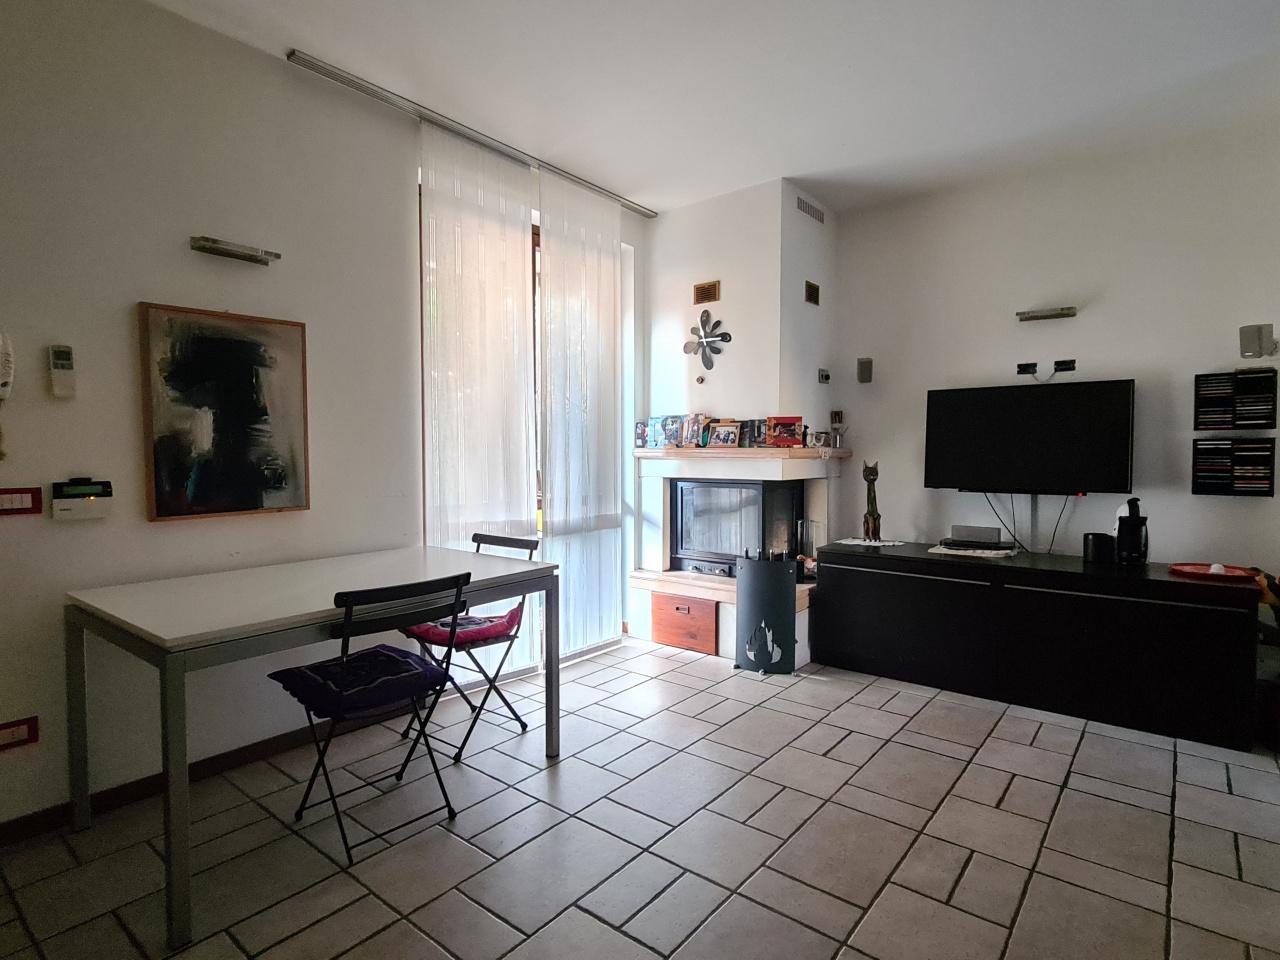 Appartamento in vendita a Treviglio, 3 locali, prezzo € 155.000 | CambioCasa.it